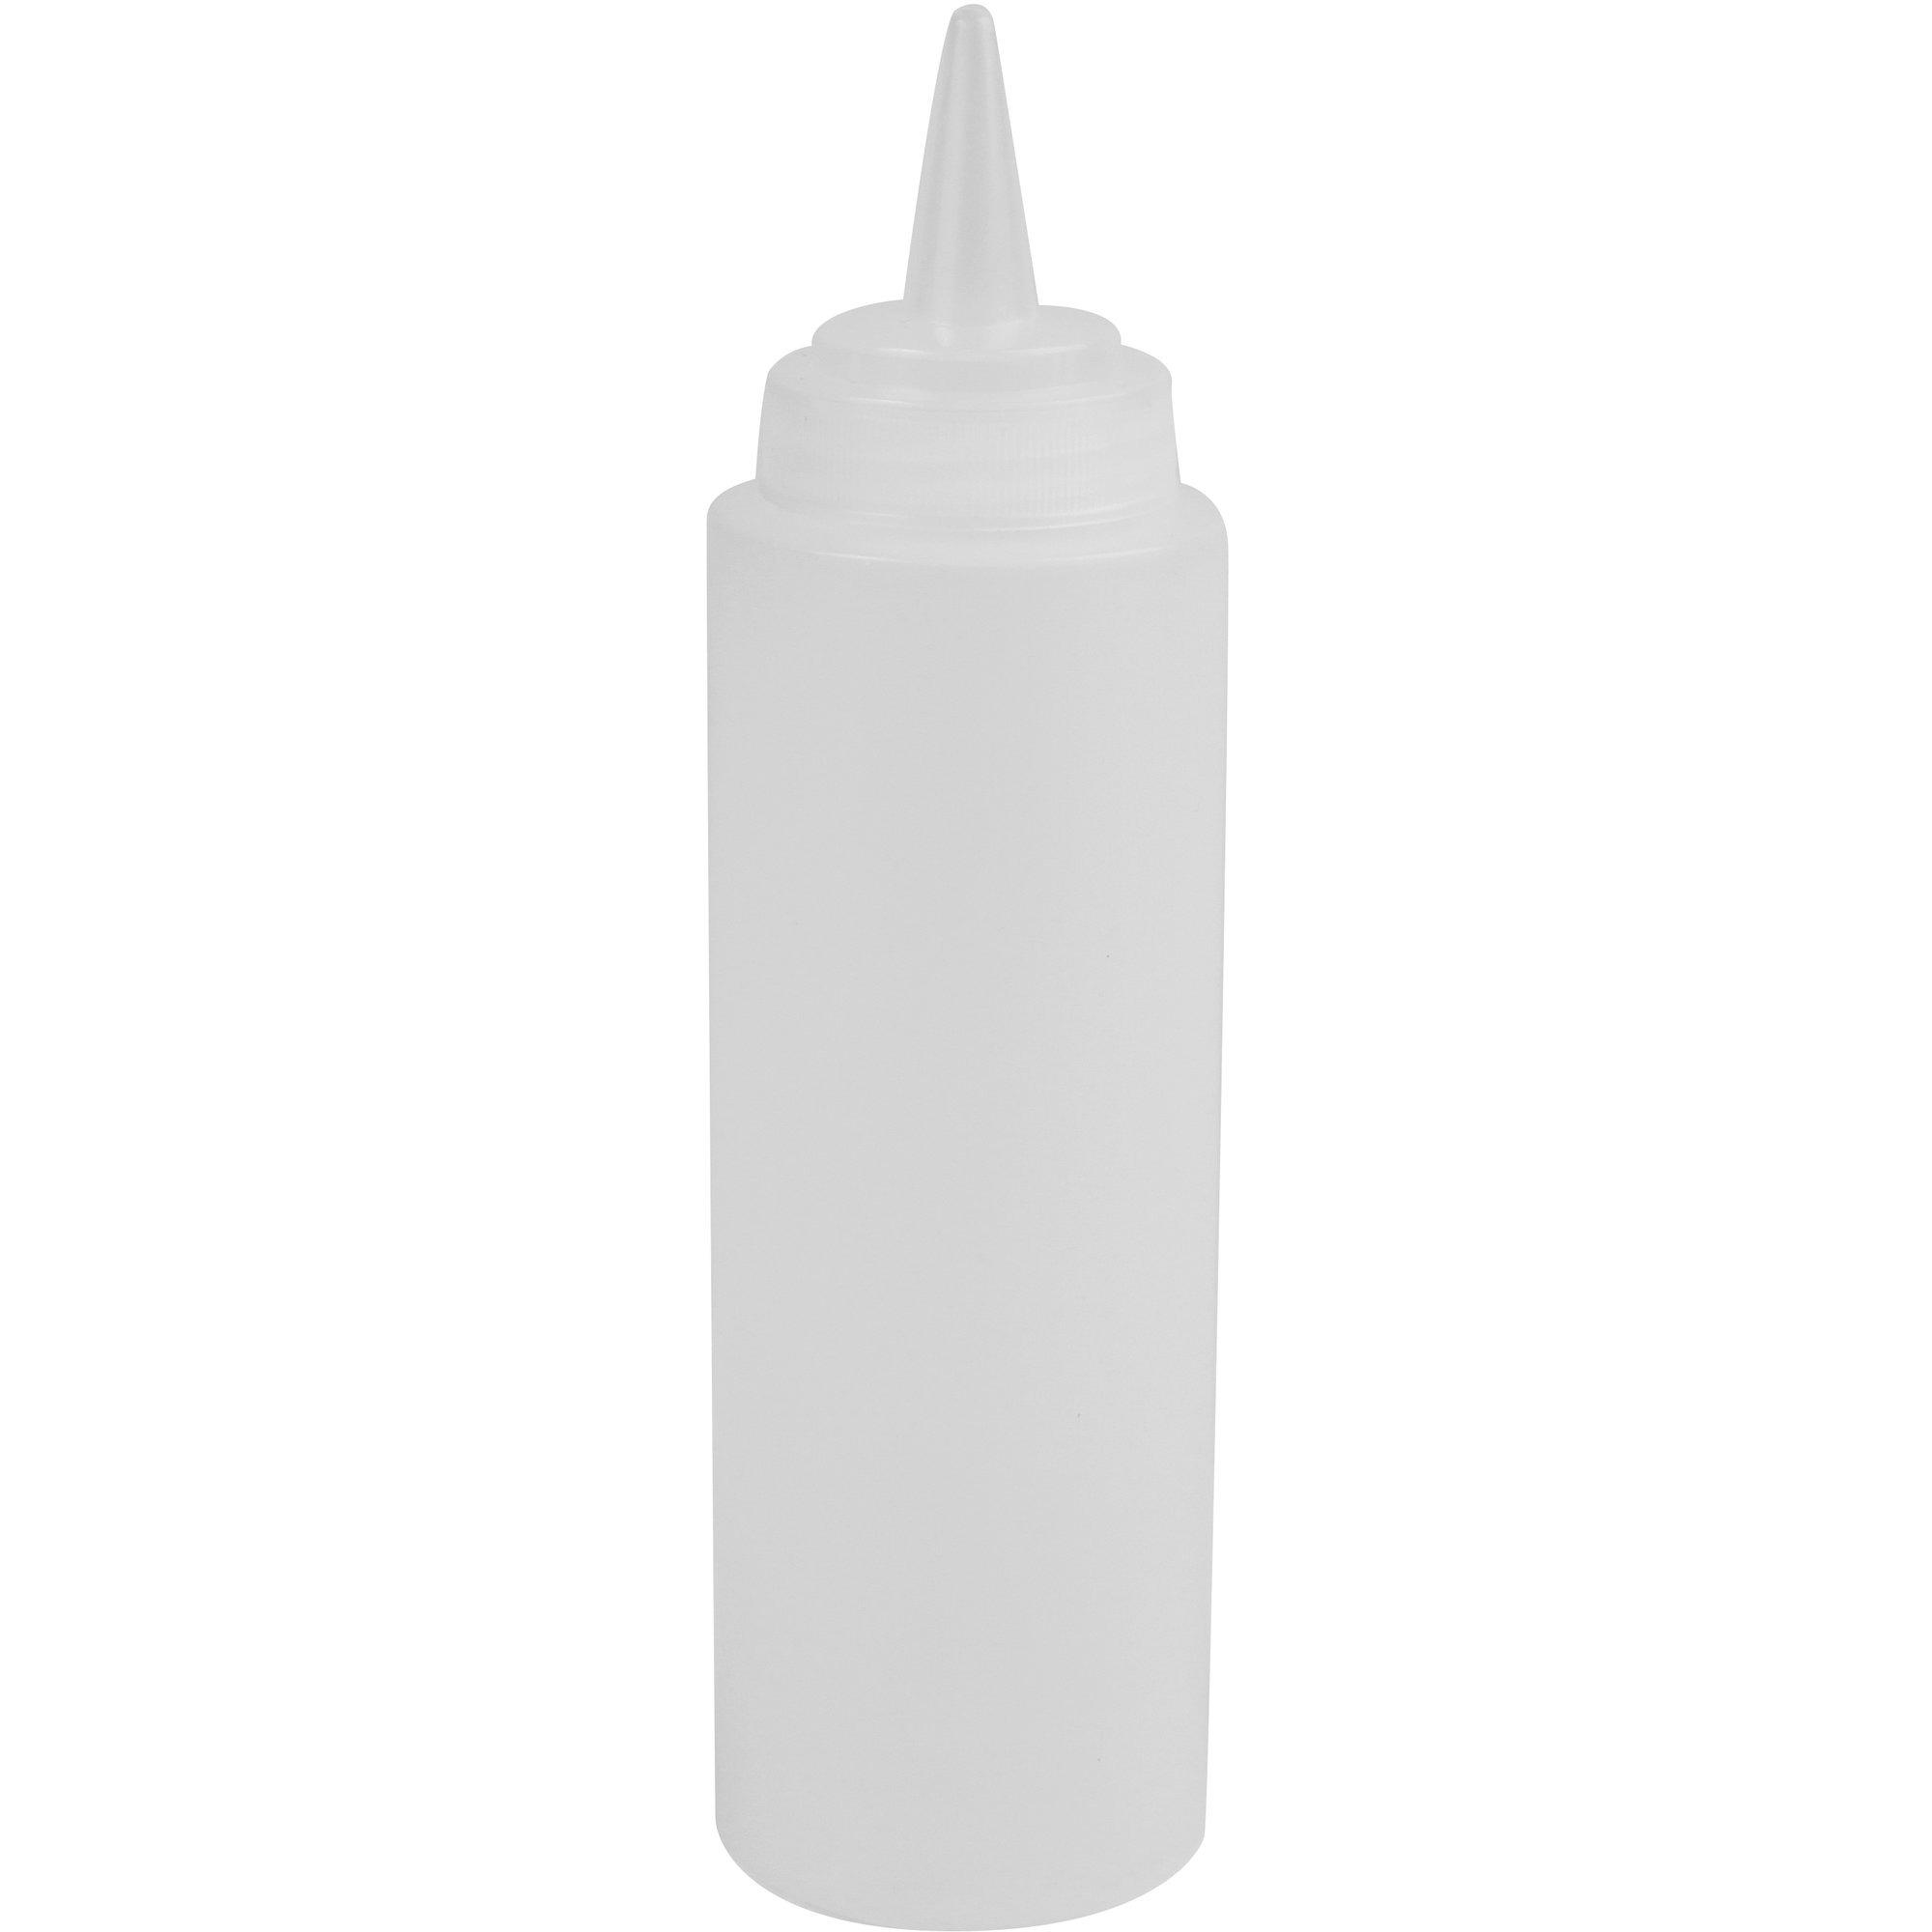 Bilde av Bbm Plastflaske Med Skrukork 0,23 Liter